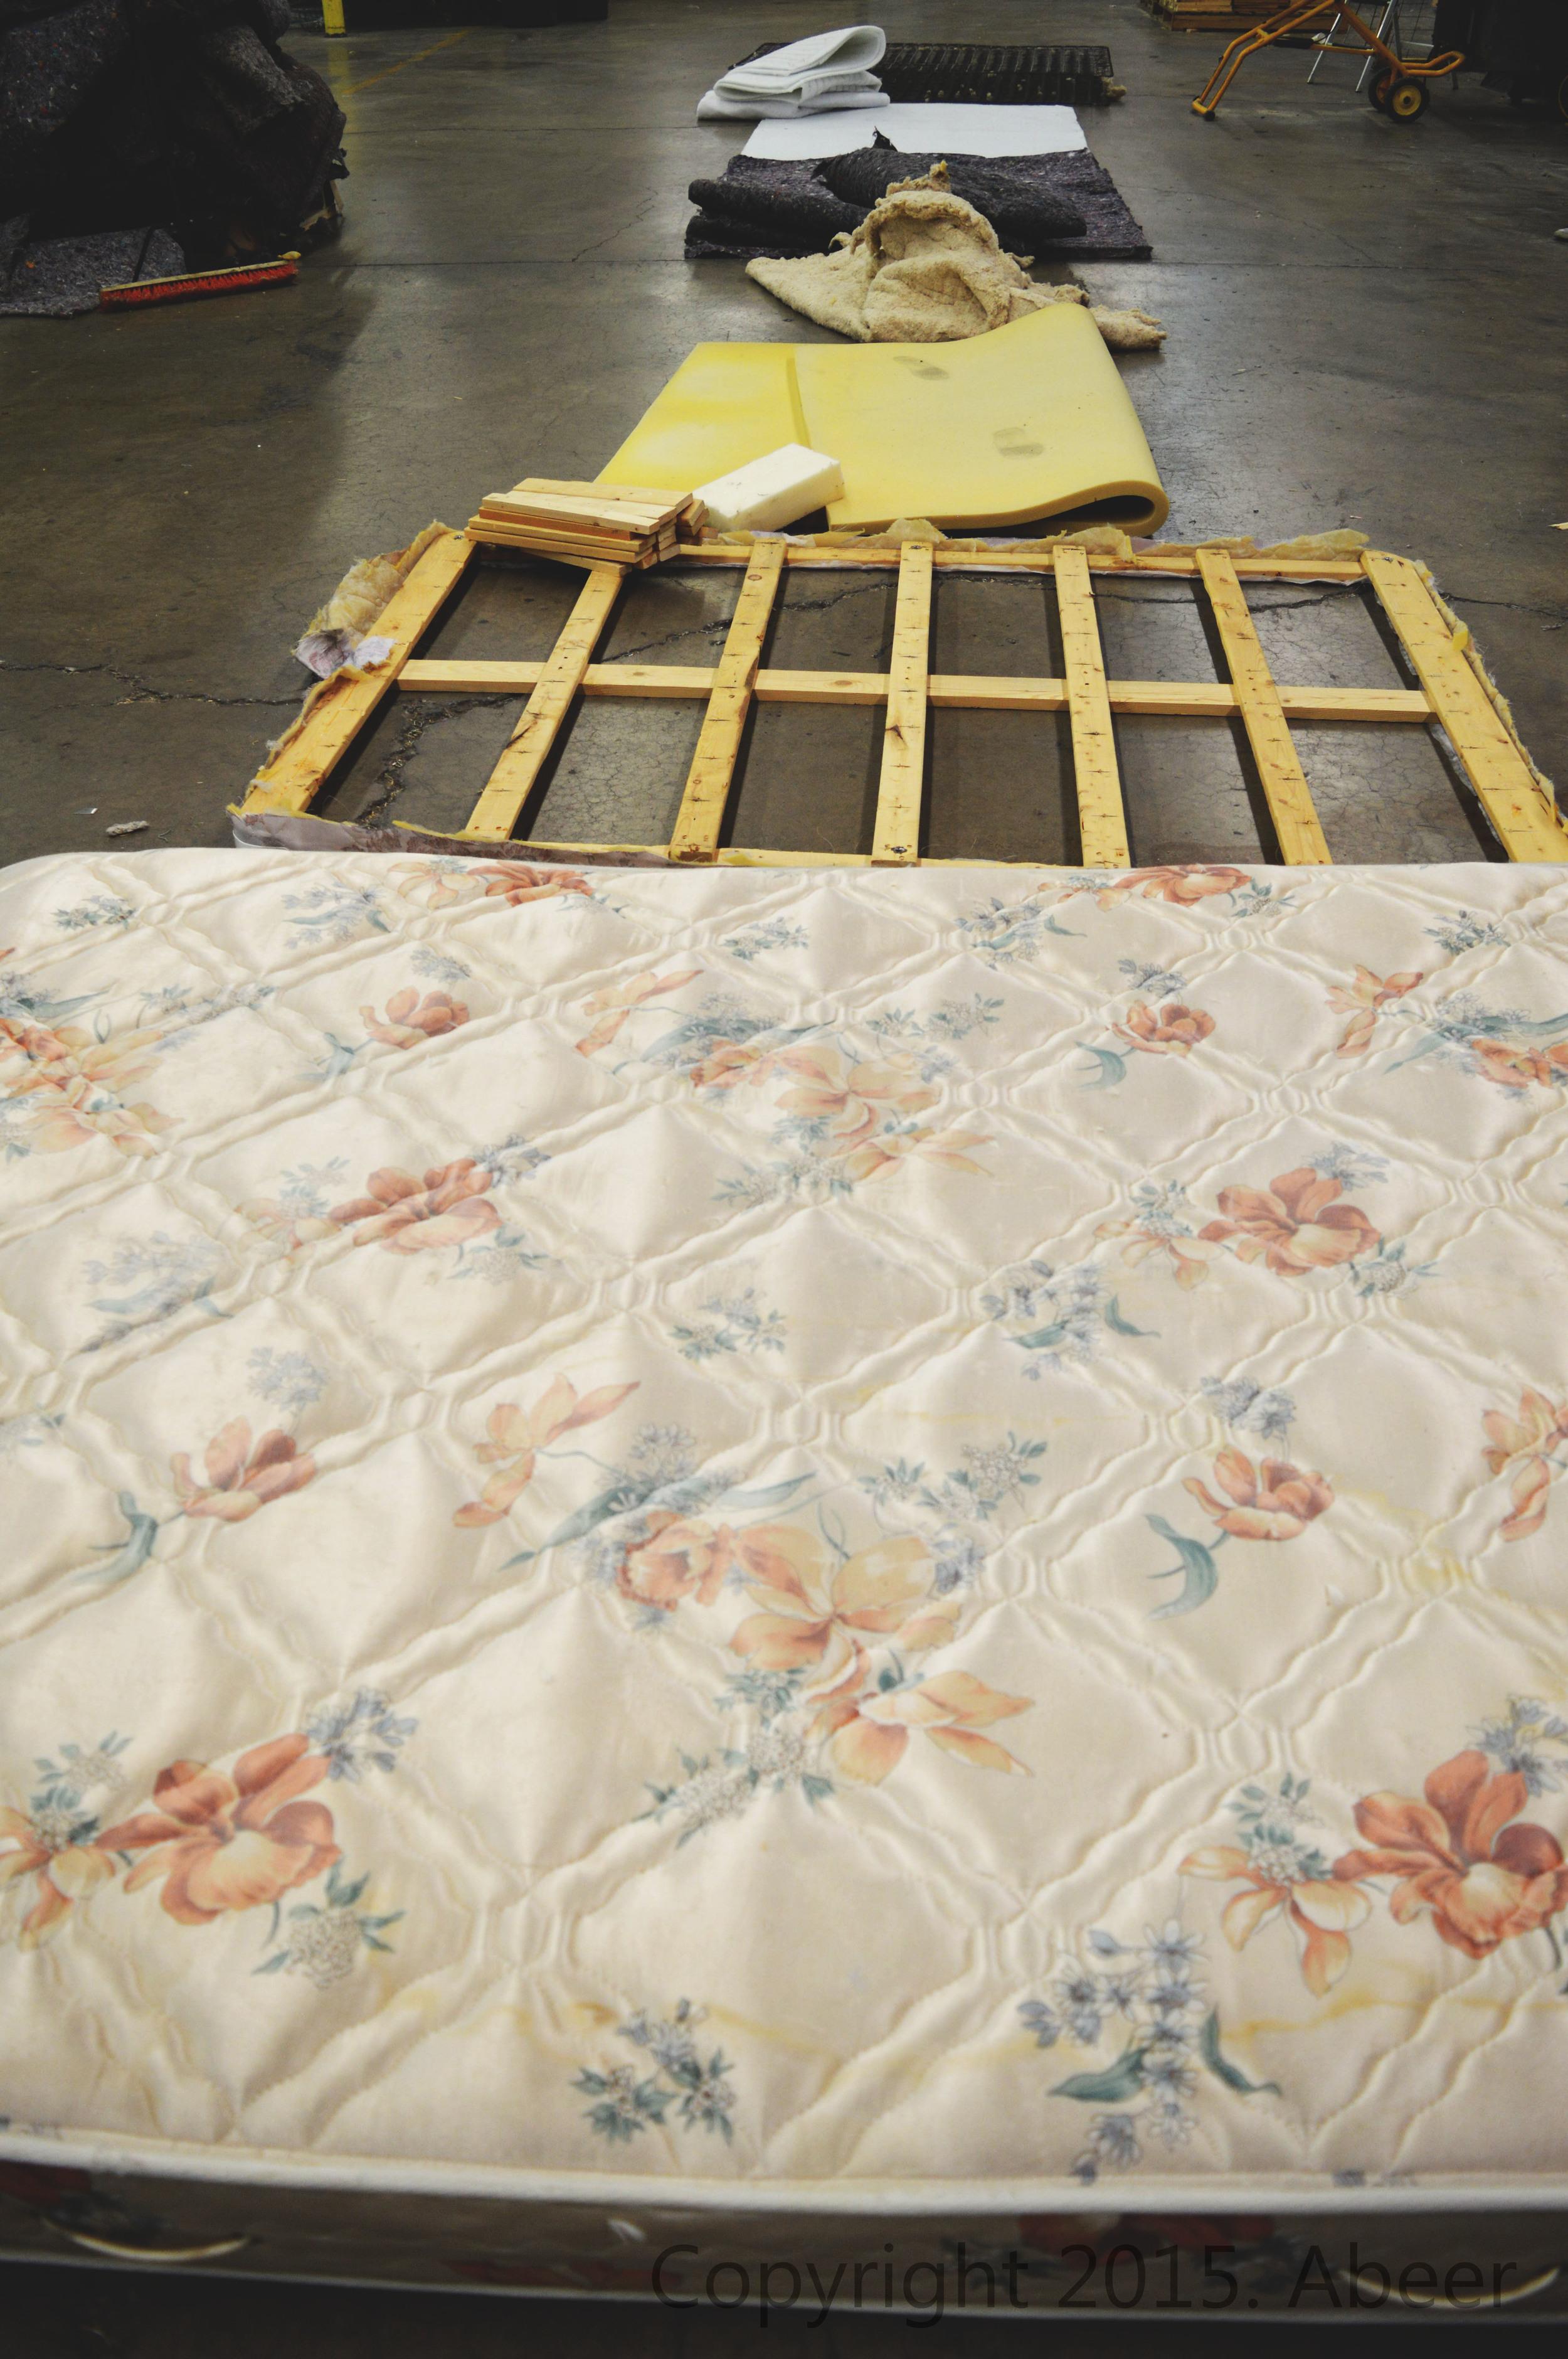 Breakdown of a Mattress - wood, foam, cotton, felt, metal.